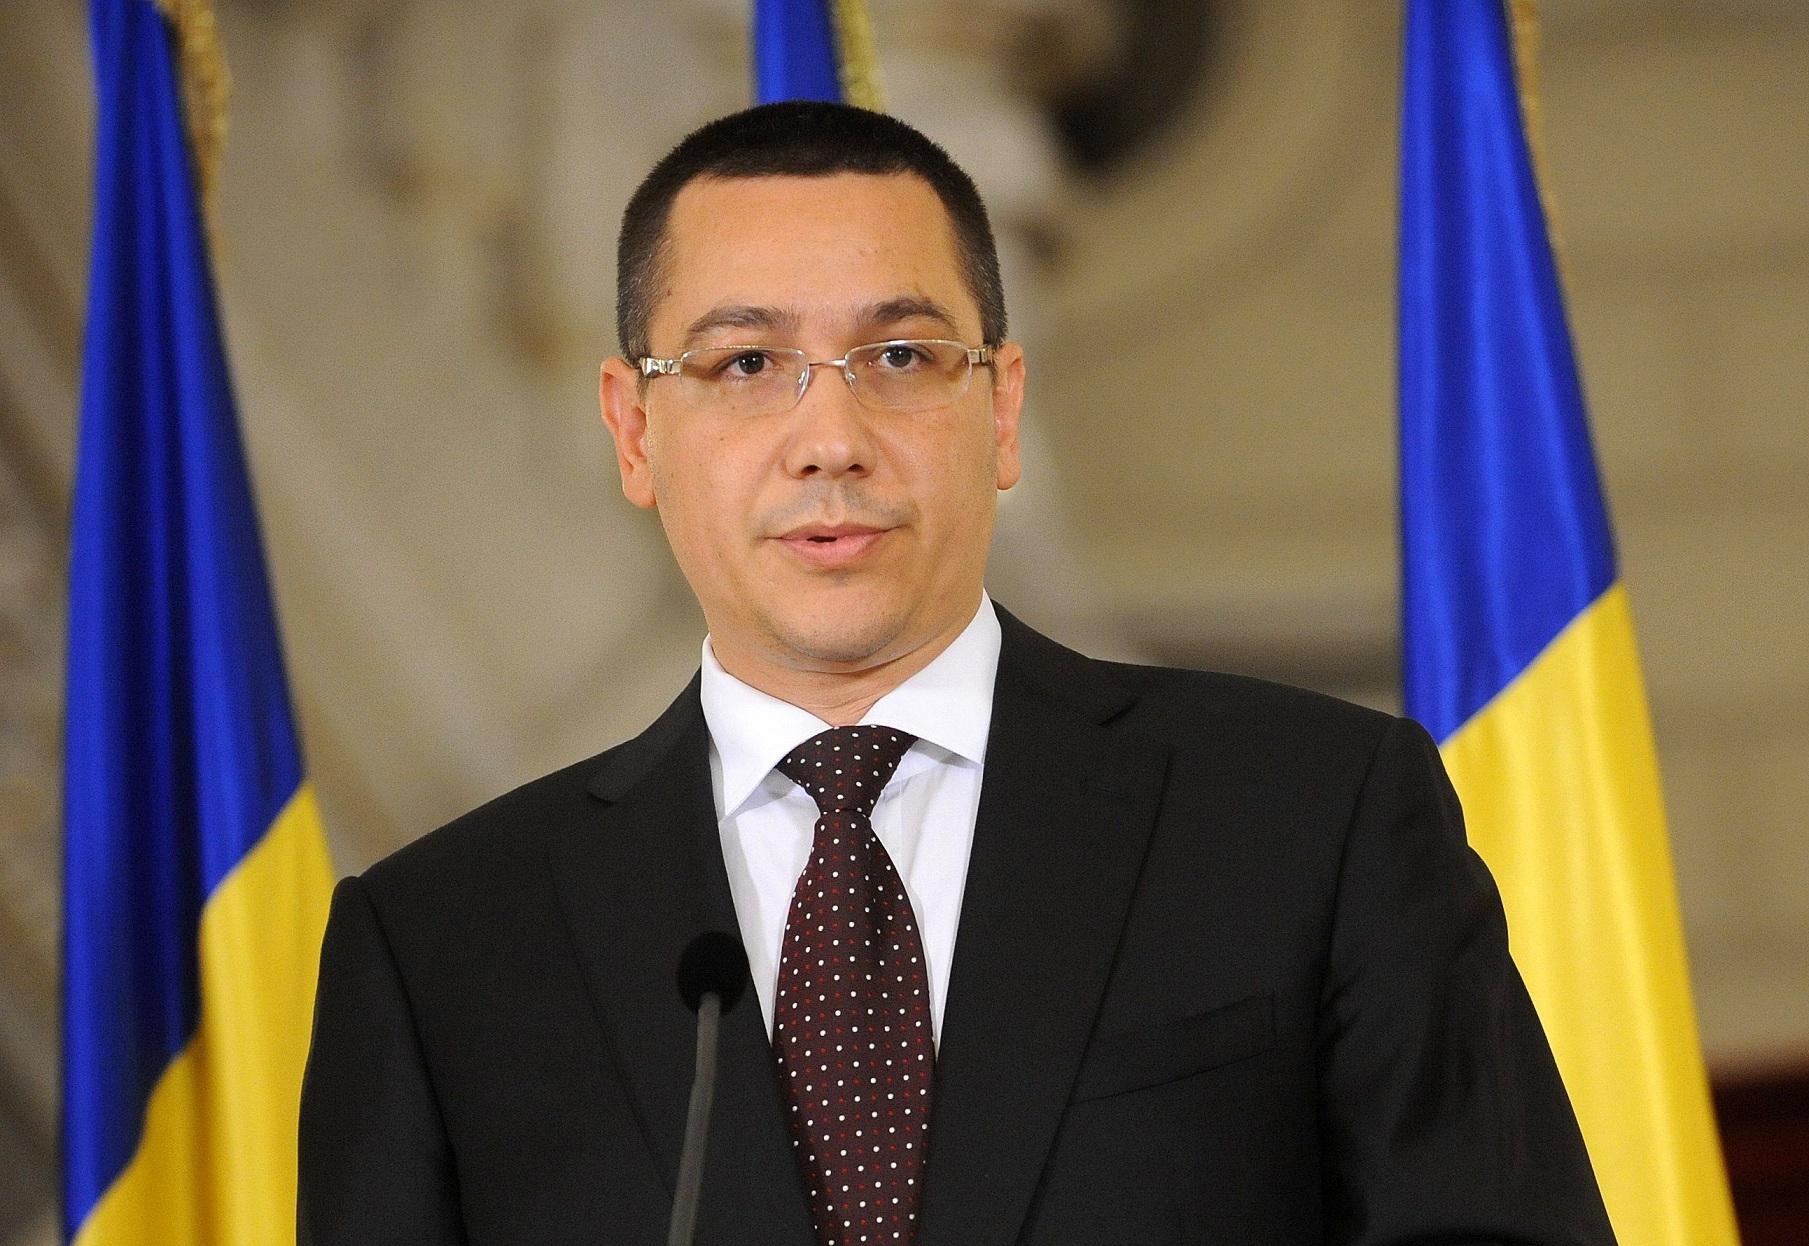 Ponta: Indexarea pensiilor depinde dacă Băsescu promulgă bugetul. E vorba şi de ce venituri obţinem